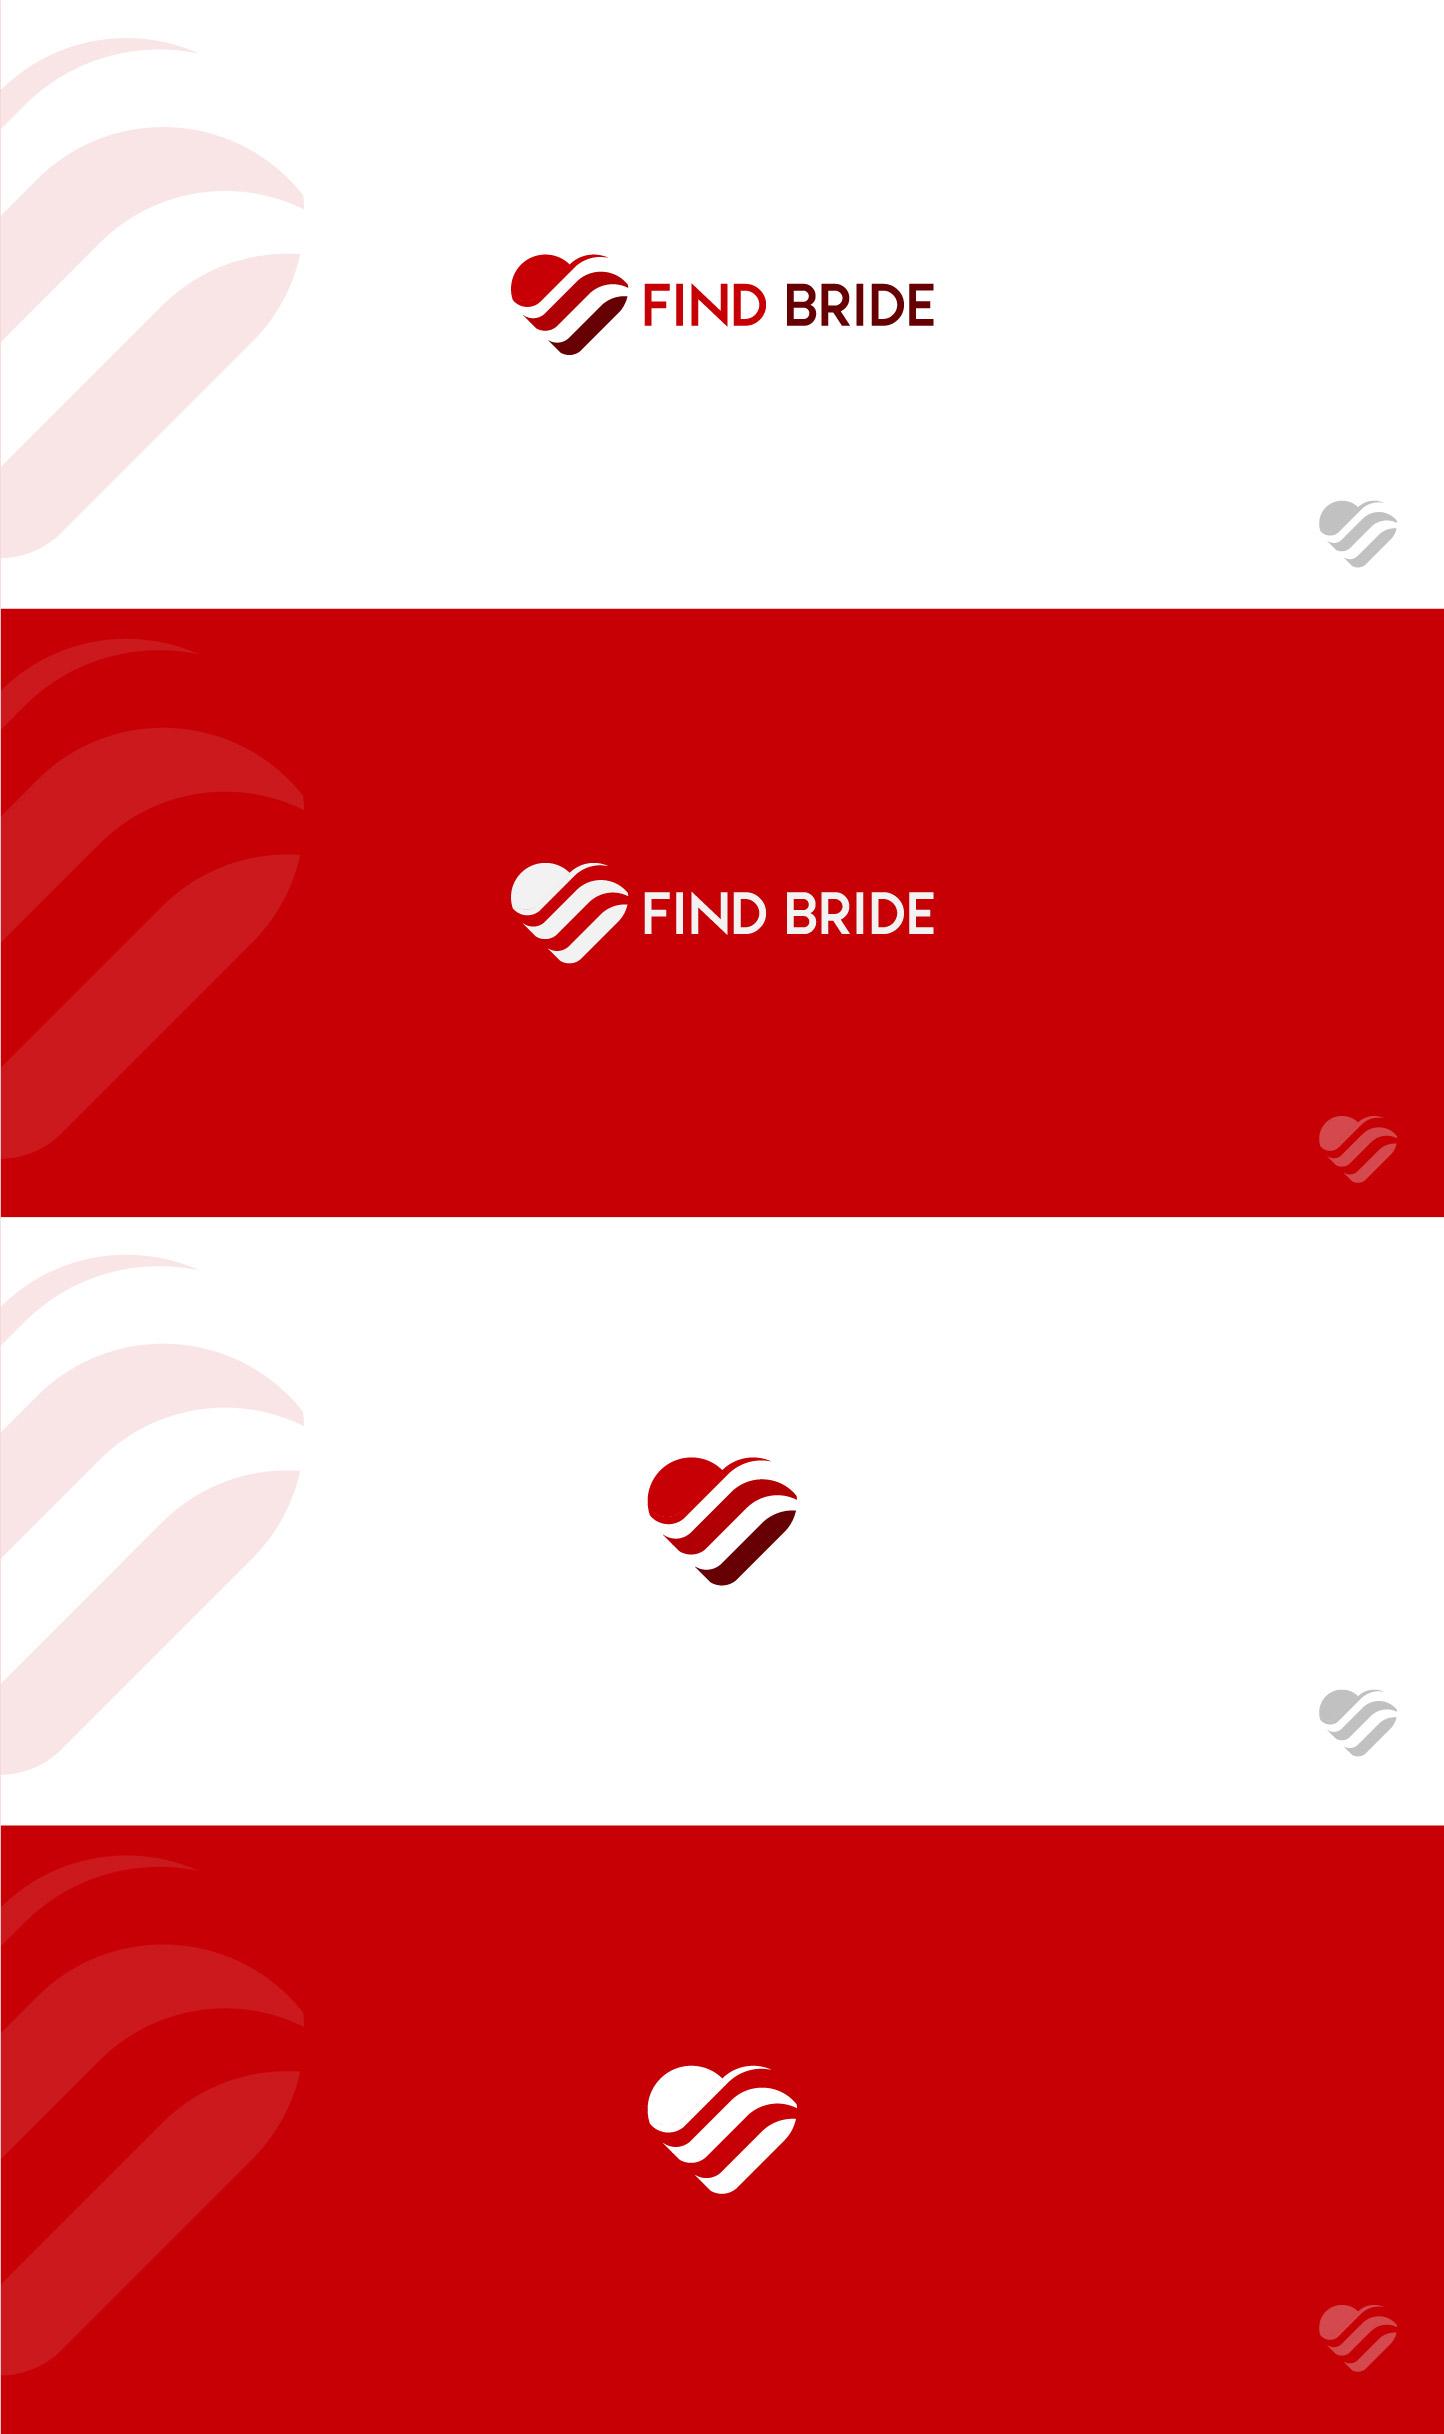 Нарисовать логотип сайта знакомств фото f_3195acf452045e2c.jpg